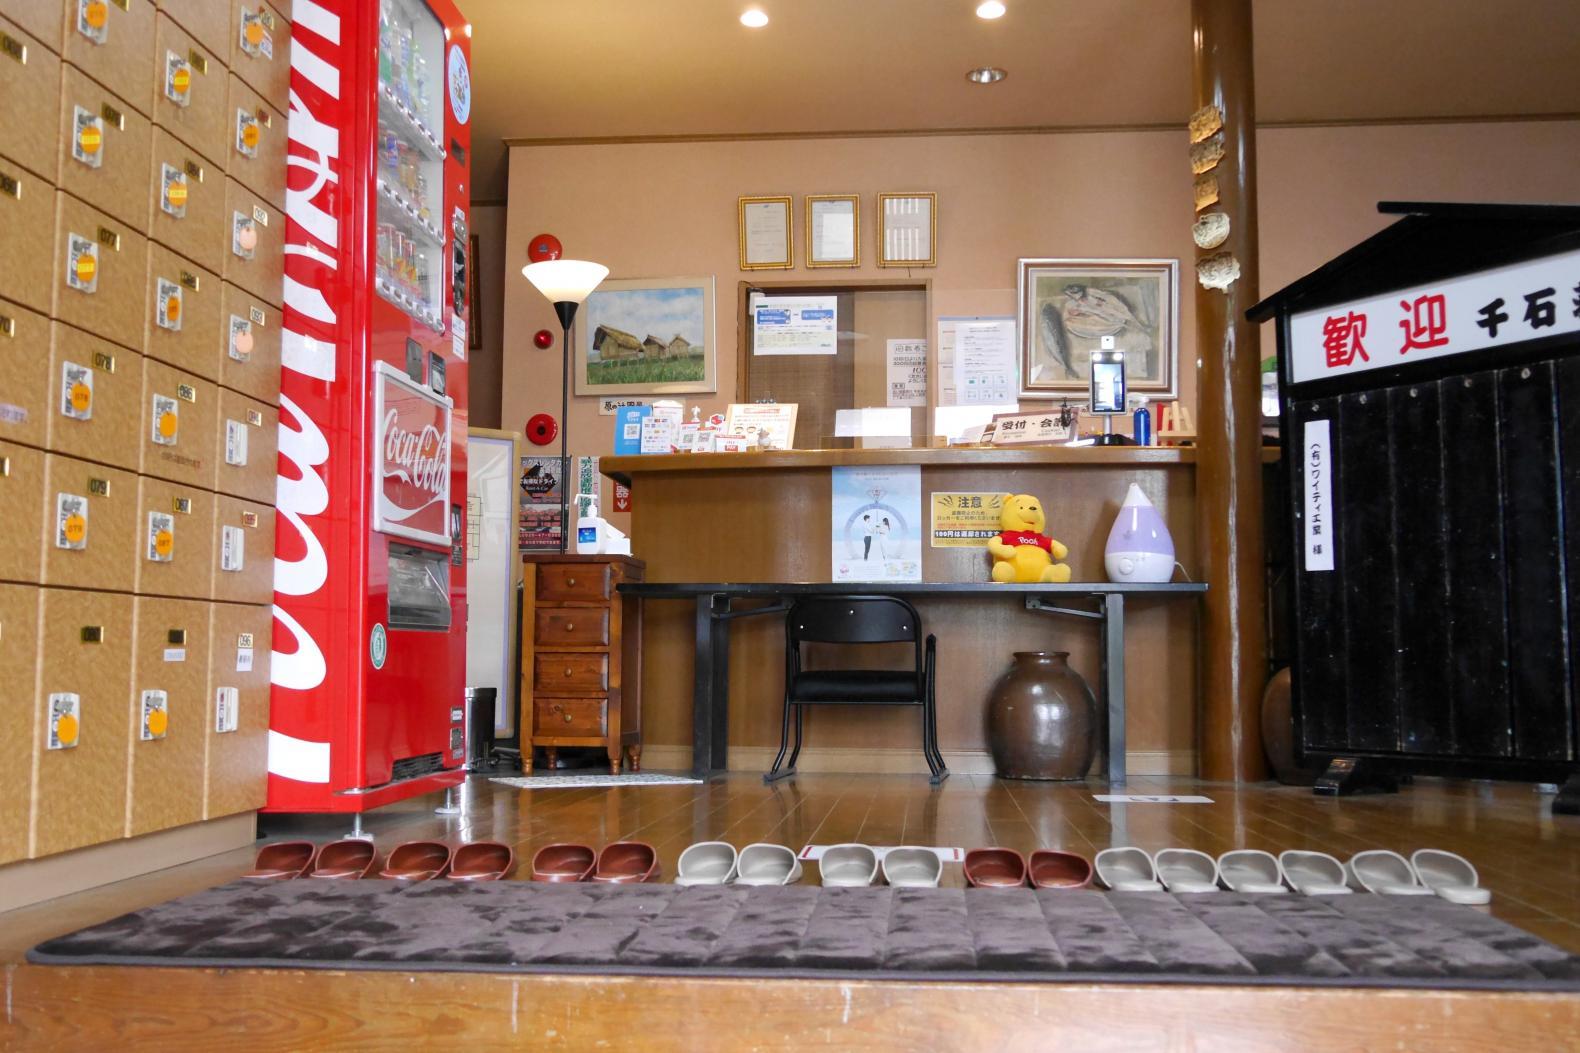 外観も浴場もレトロな雰囲気 旅館千石荘-5